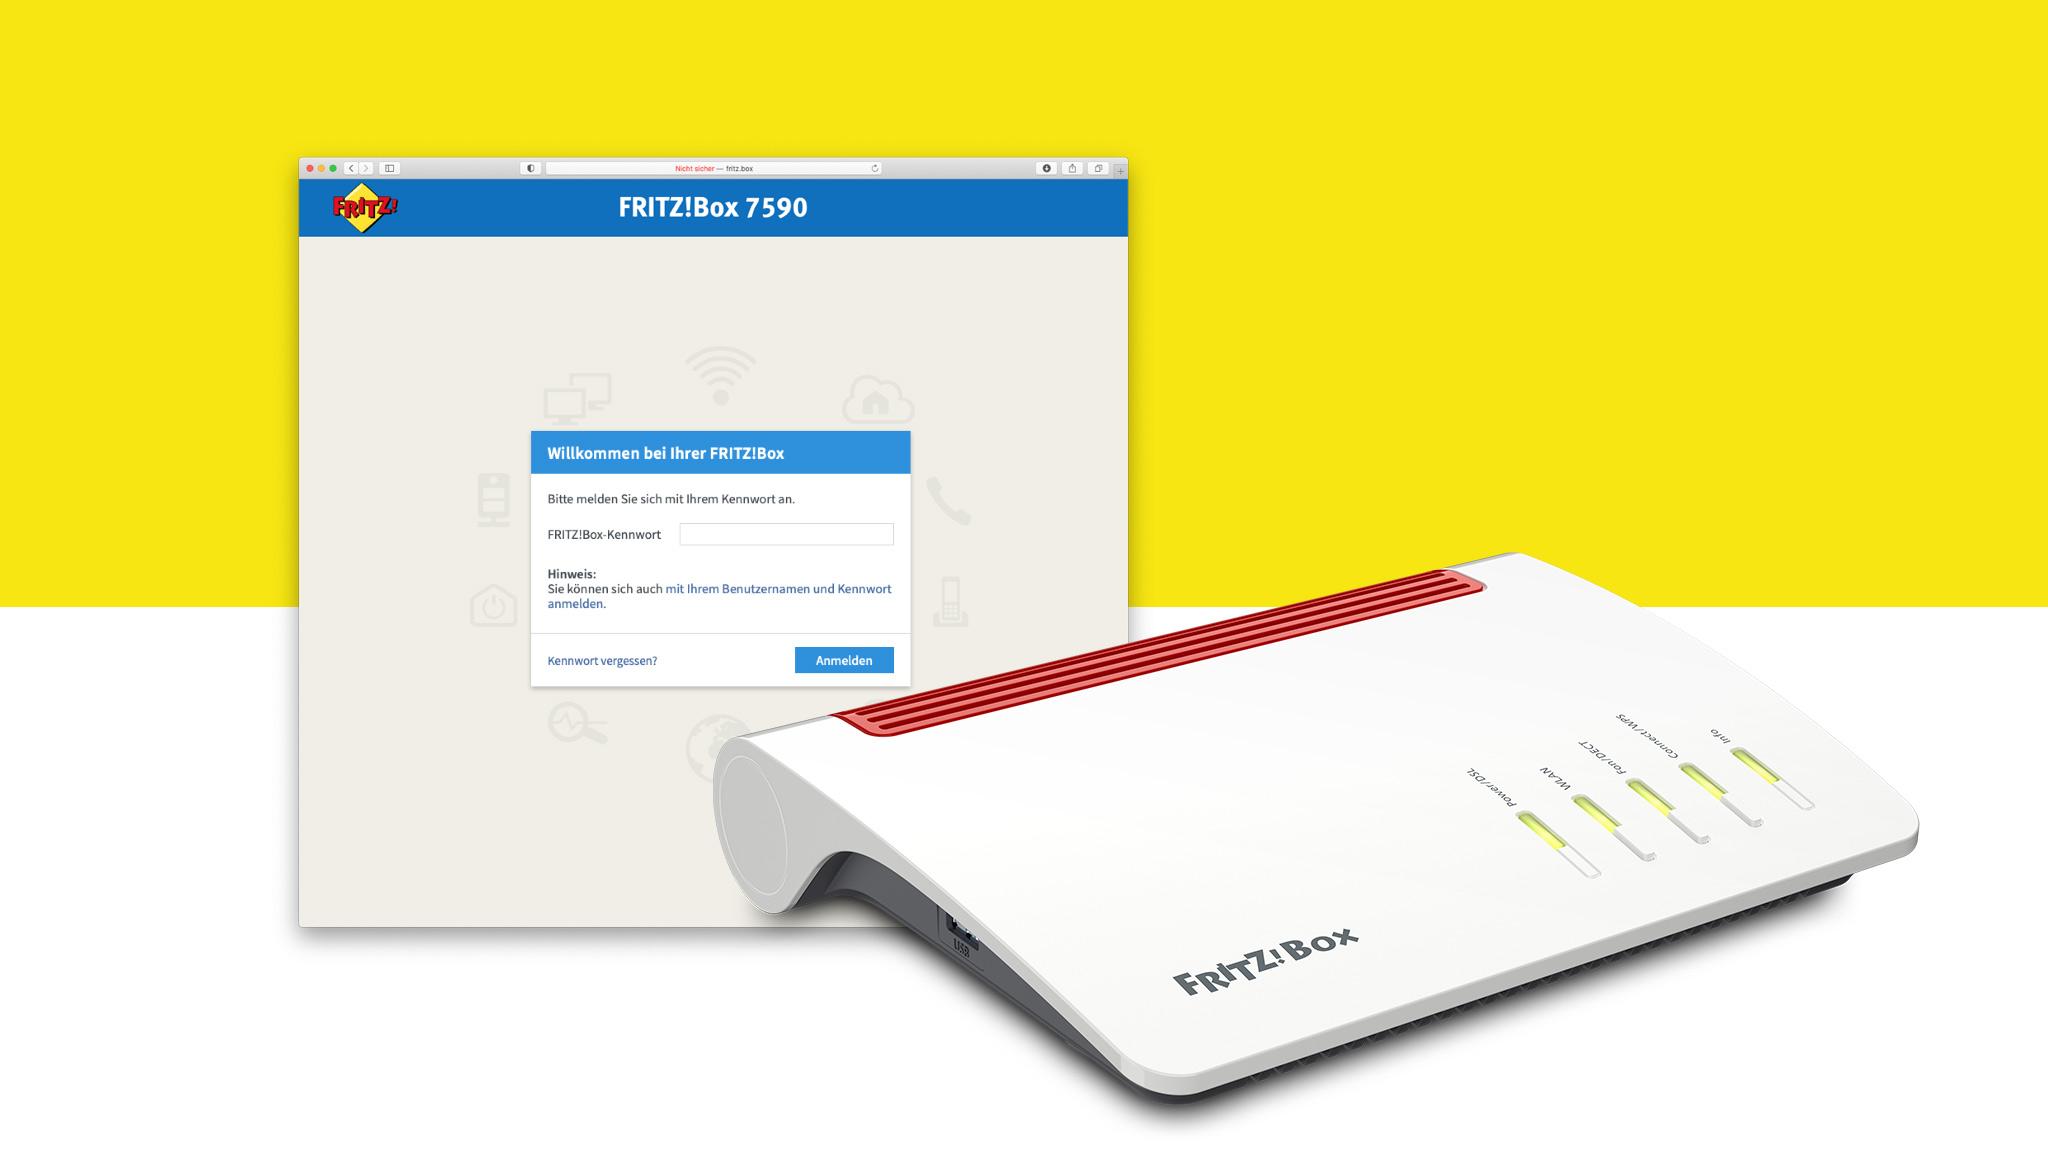 FritzBox nicht erreichbar So lösen Sie das Problem   COMPUTER BILD